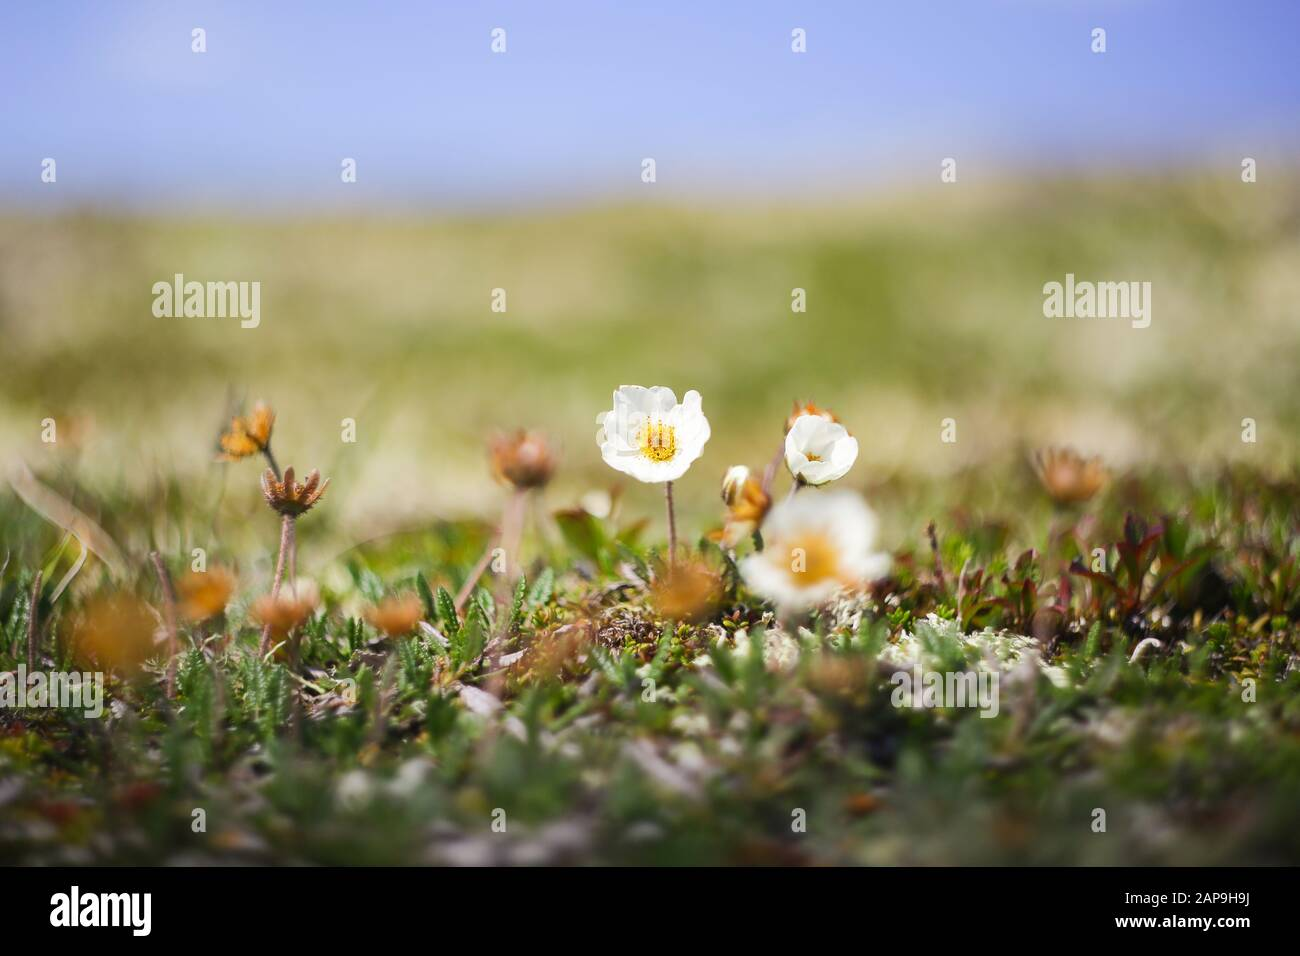 Fond d'été avec la flore alpine dans les montagnes Banque D'Images